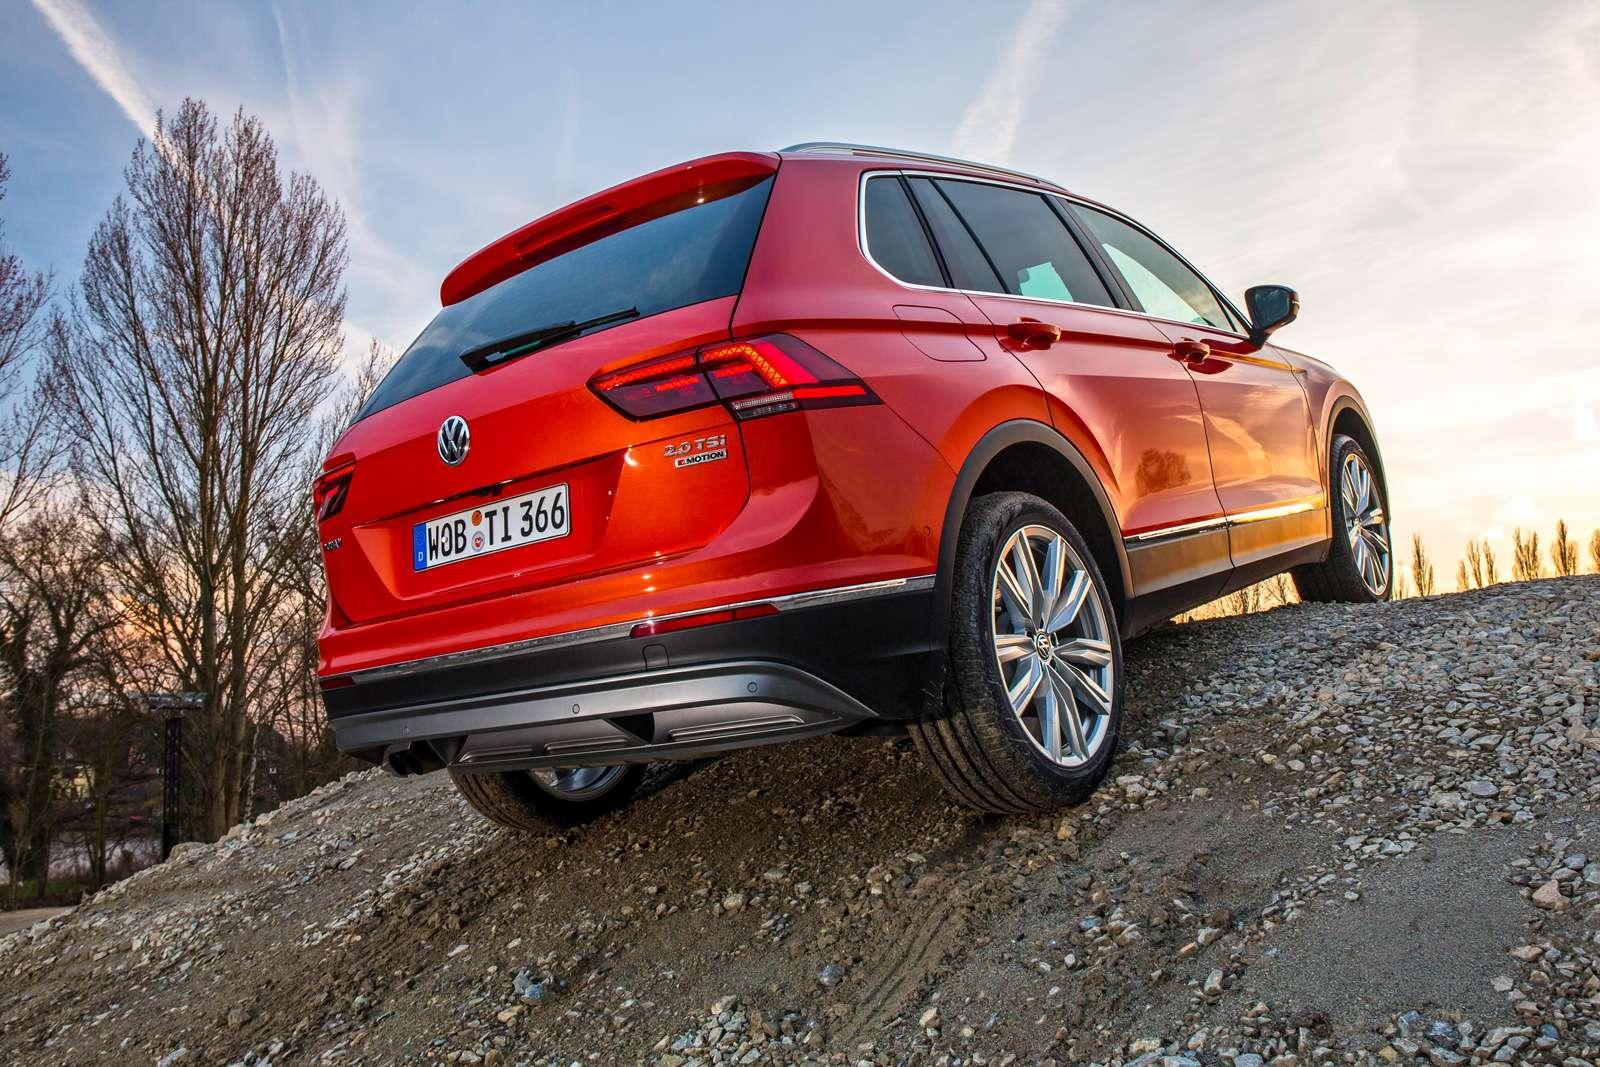 Тест нового Volkswagen Tiguan: победа экологов надавтоспортсменами— фото 594451